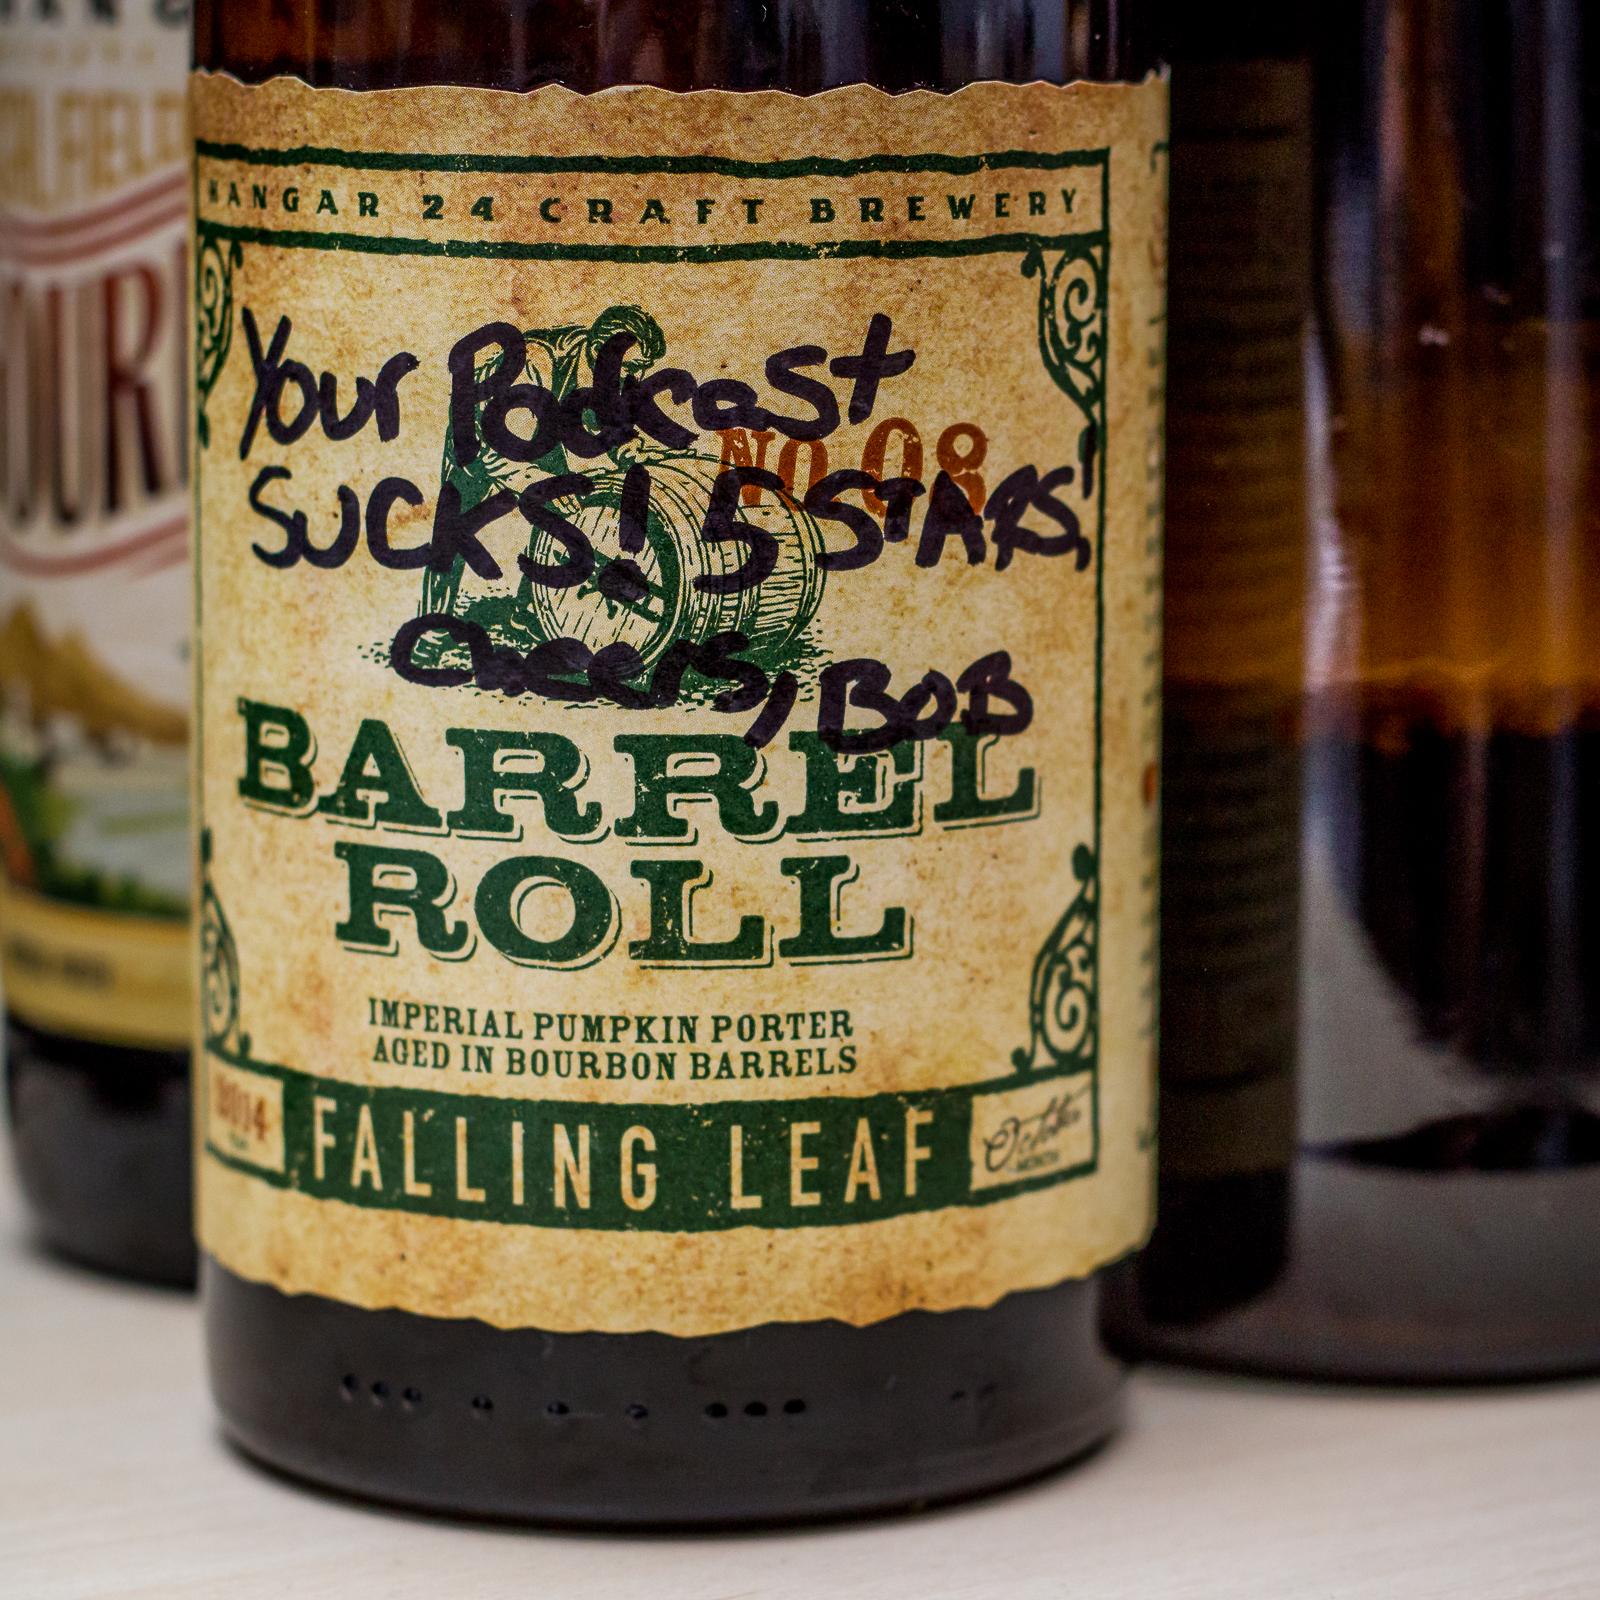 Hangar 24 Craft Brewery - Falling Leaf. Label customized by Bob Vreeland.